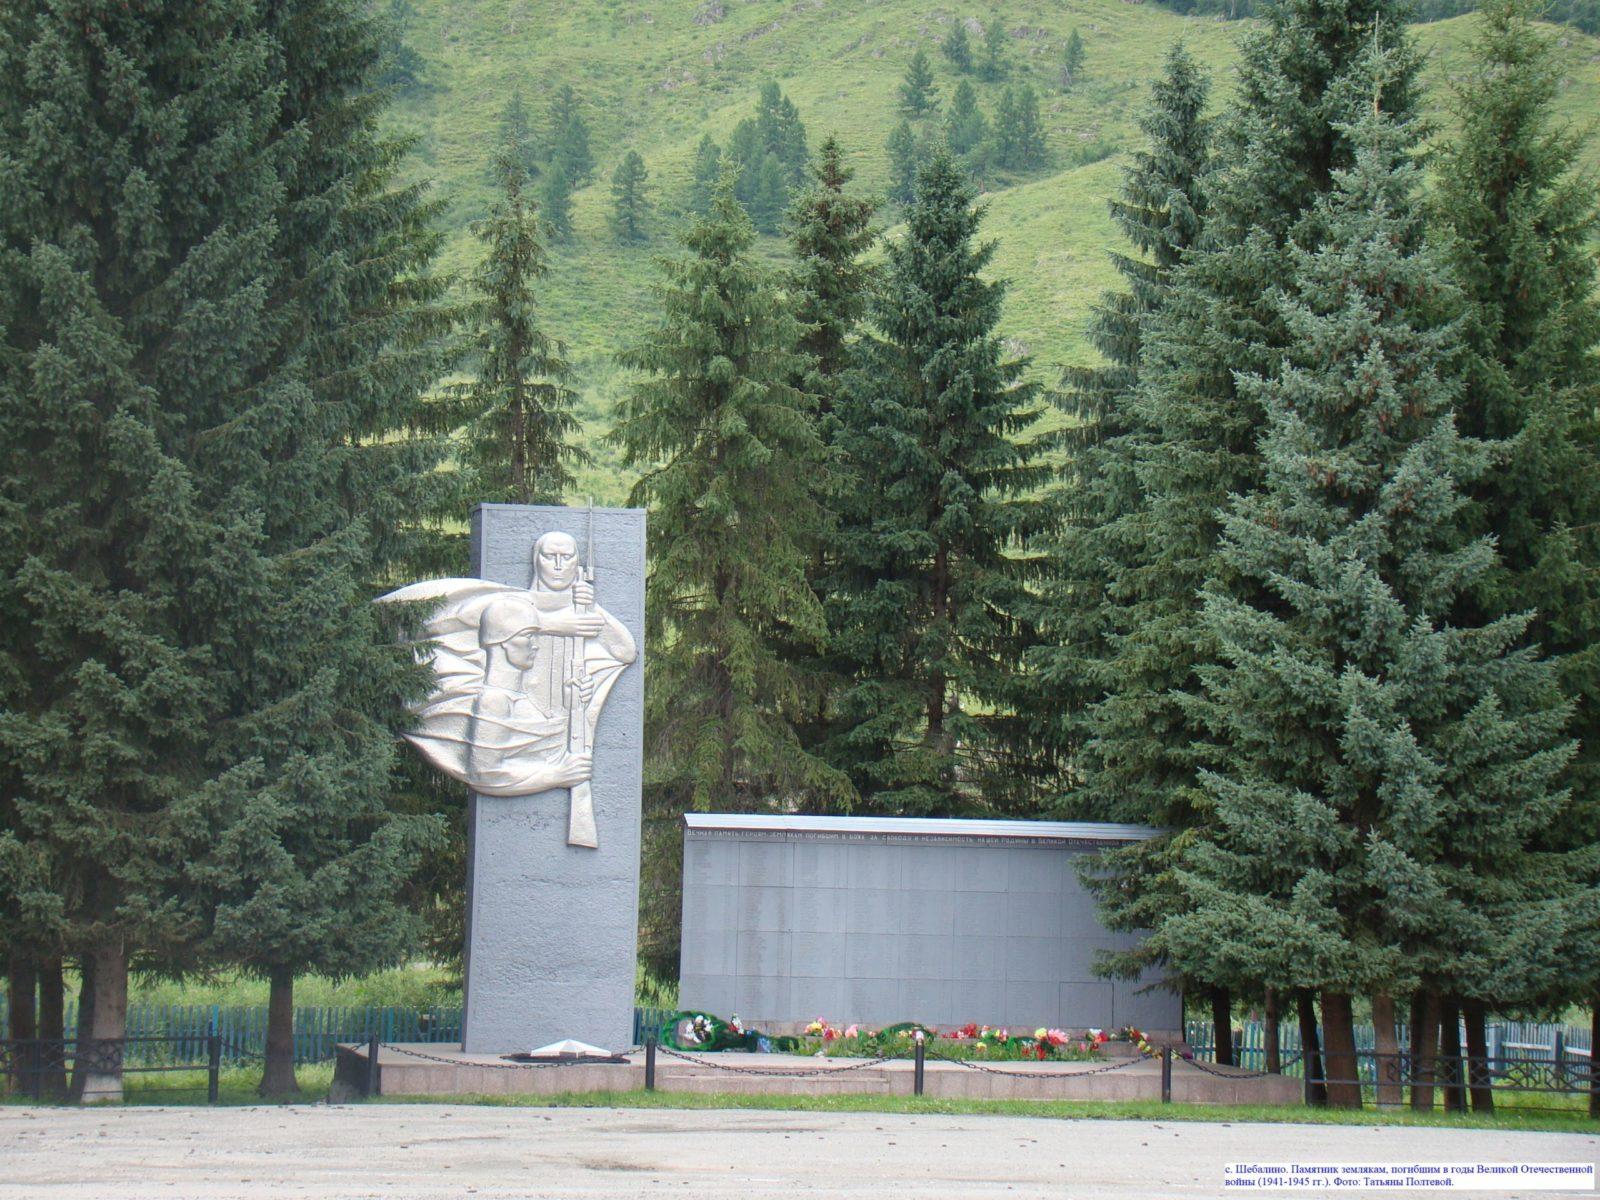 с. Шебалино. Памятник землякам, погибшим в годы Великой Отечественной войны (1941-1945 гг.).